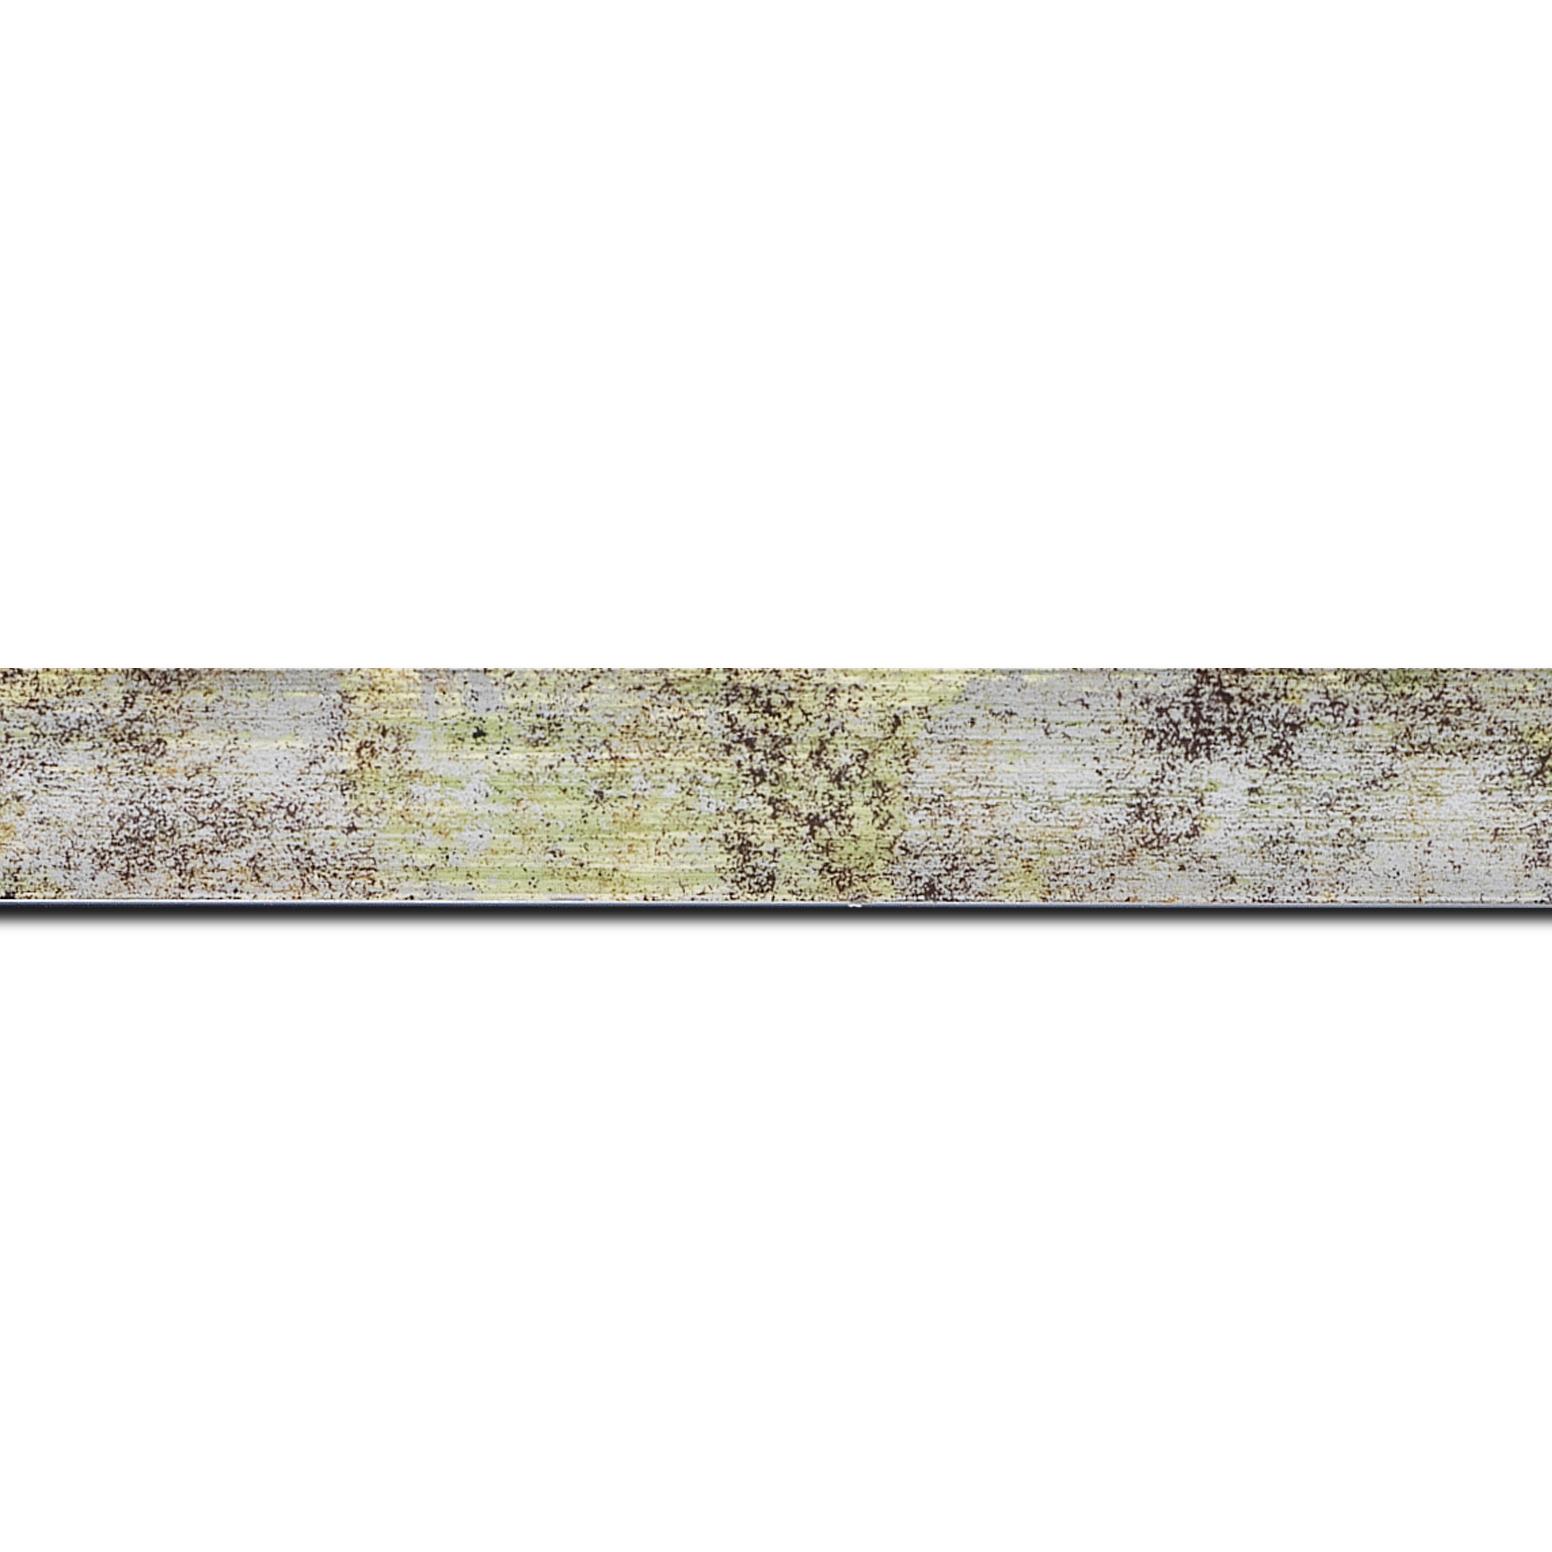 Pack par 12m, bois profil concave largeur 2.4cm de couleur vert moucheté fond argent (longueur baguette pouvant varier entre 2.40m et 3m selon arrivage des bois)